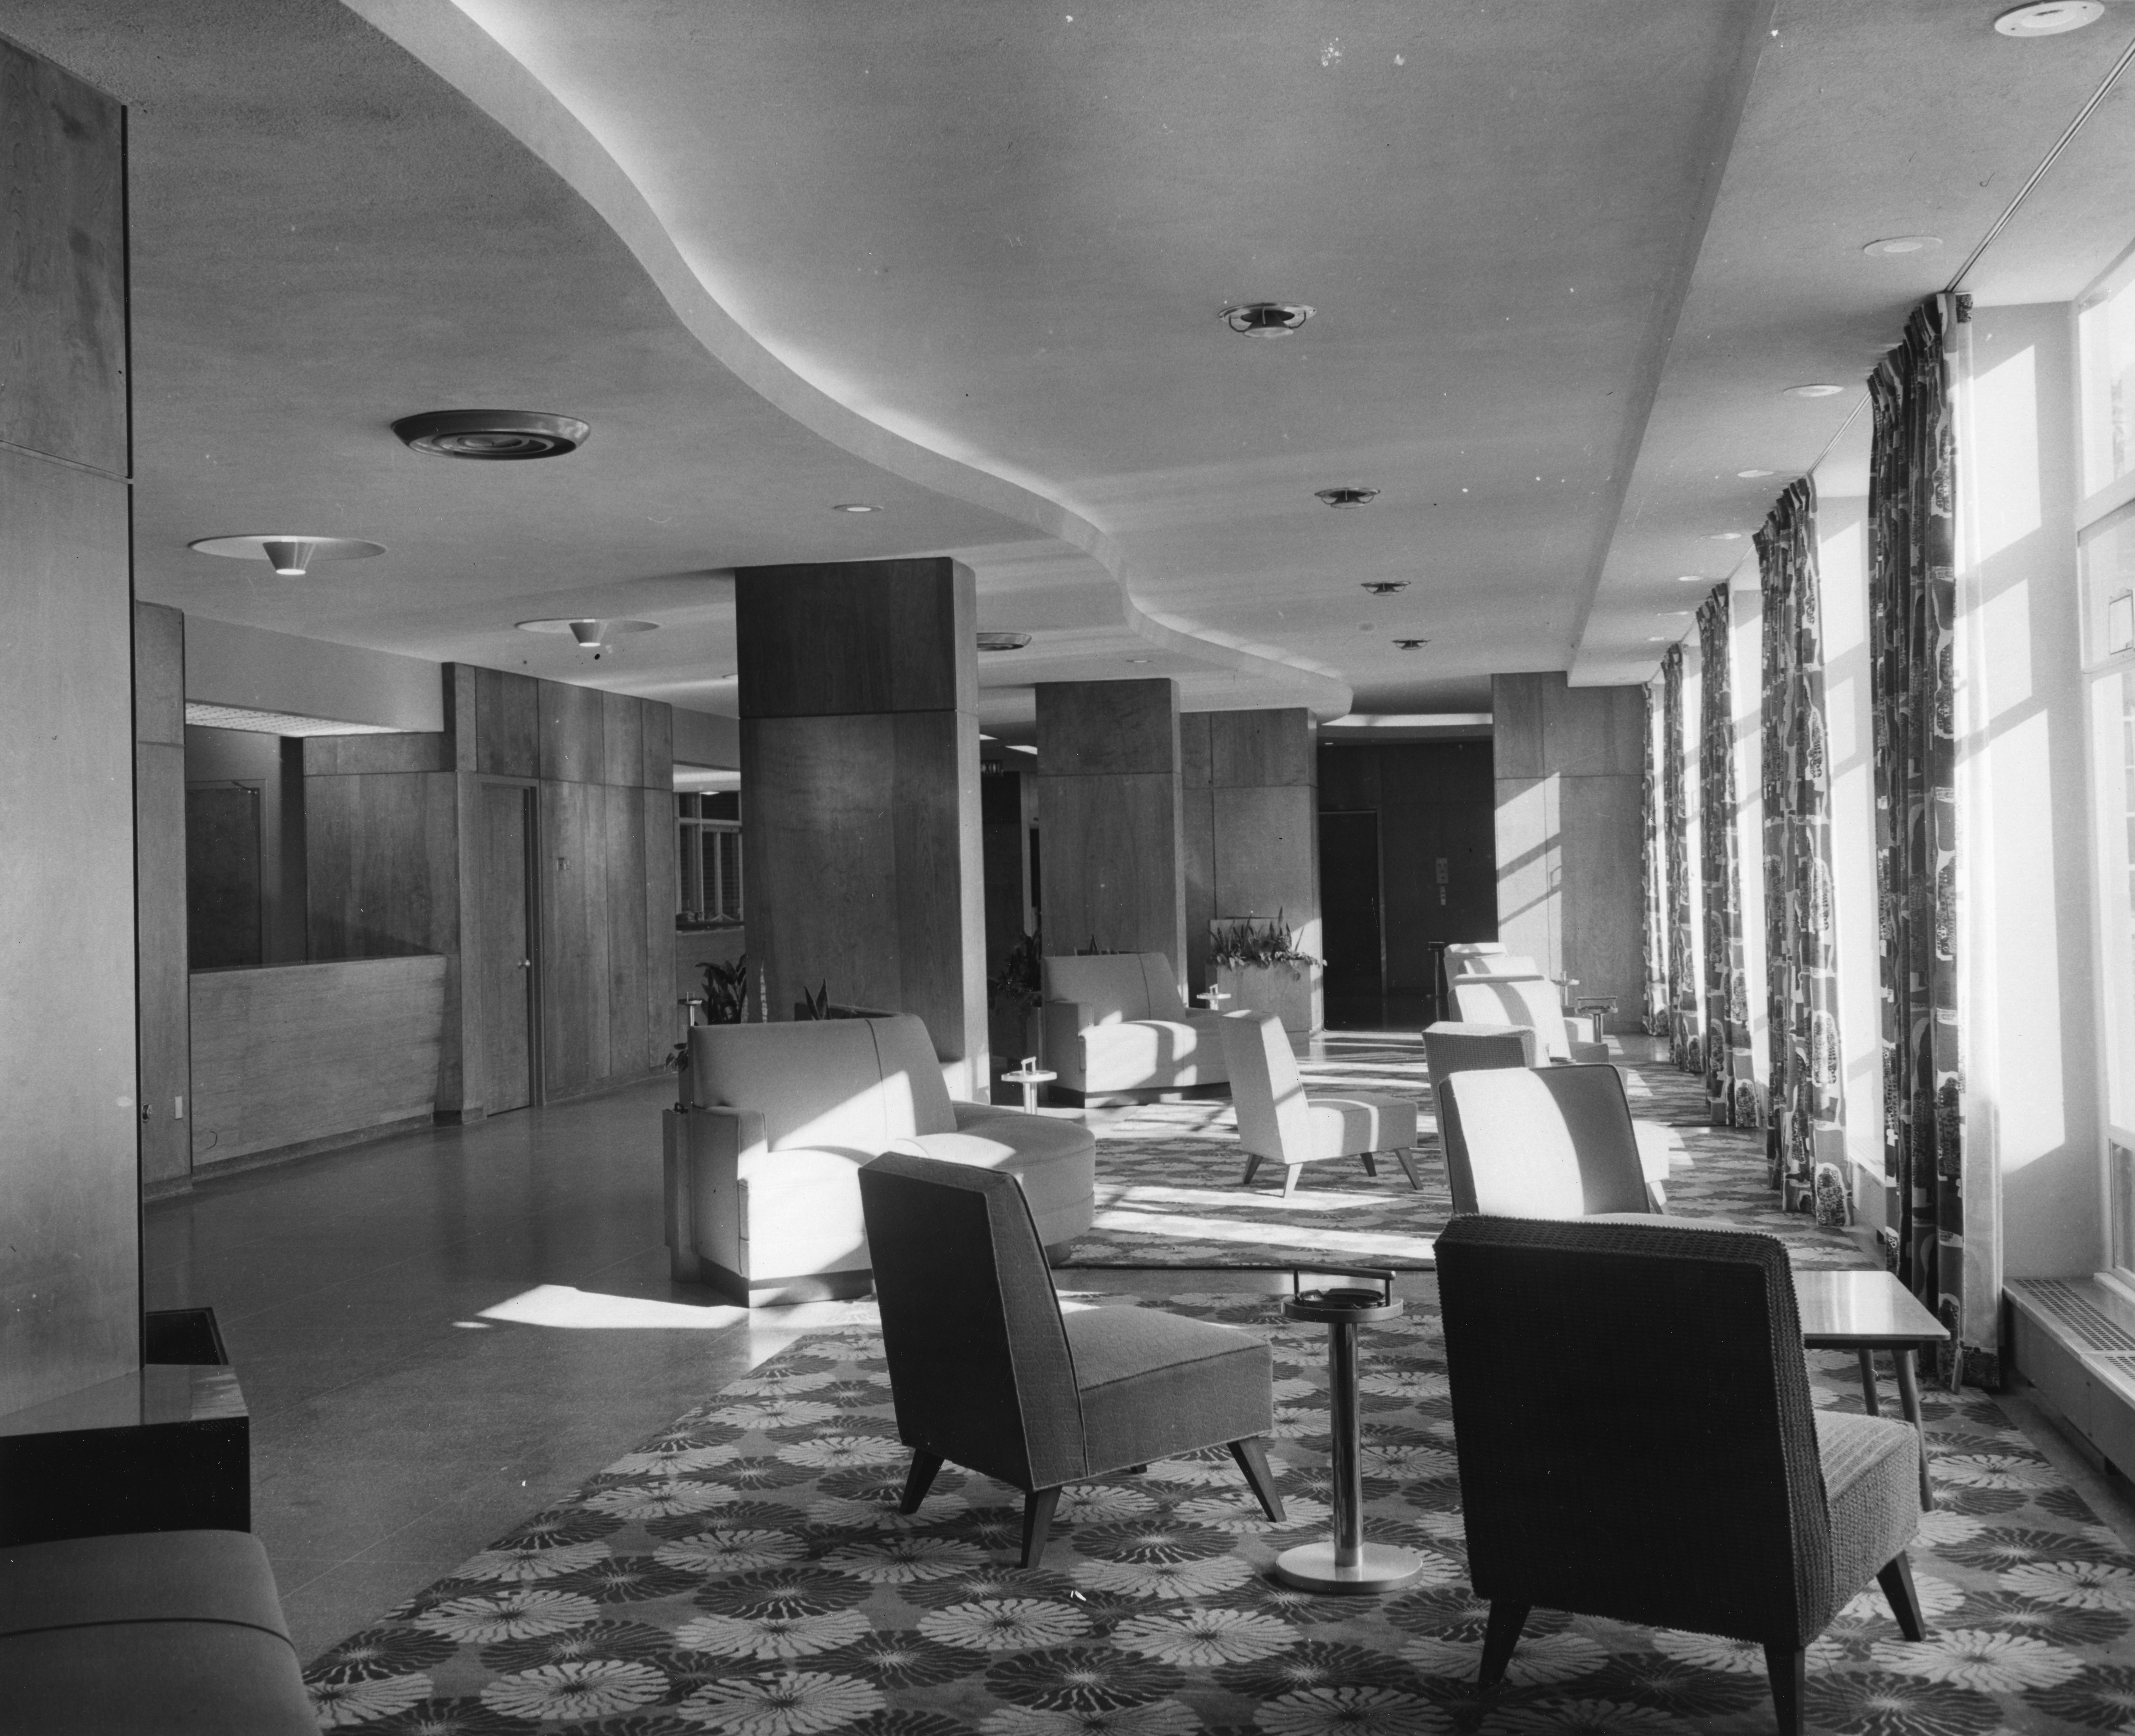 Lobby of the Kellogg Center, 1953